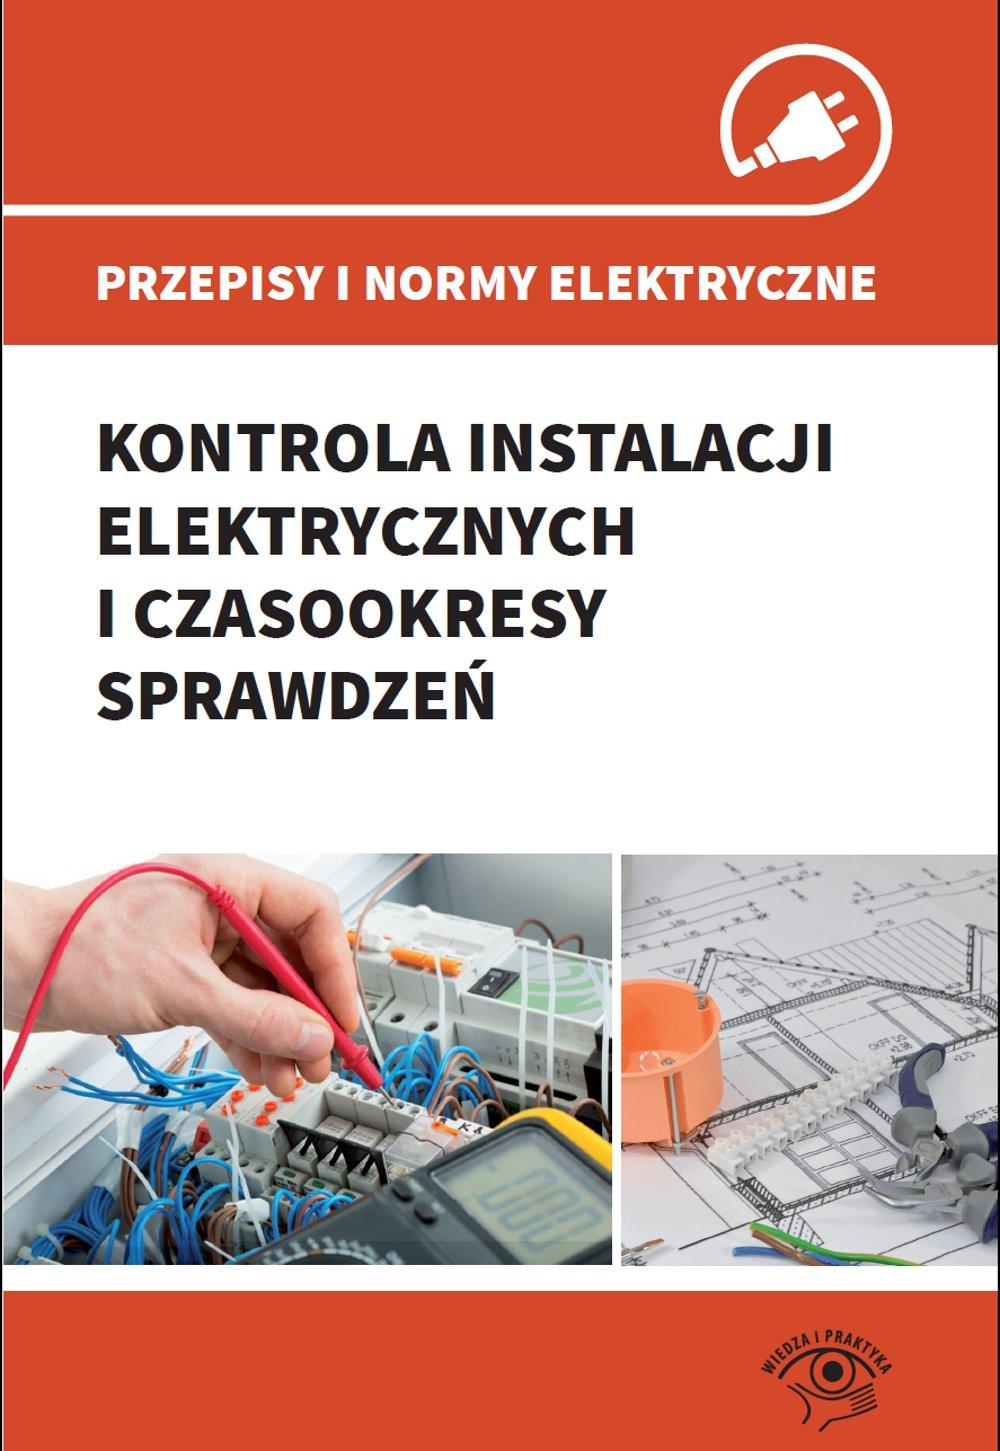 Przepisy i normy elektryczne - kontrola instalacji elektrycznych i czasookresy sprawdzeń - Ebook (Książka EPUB) do pobrania w formacie EPUB